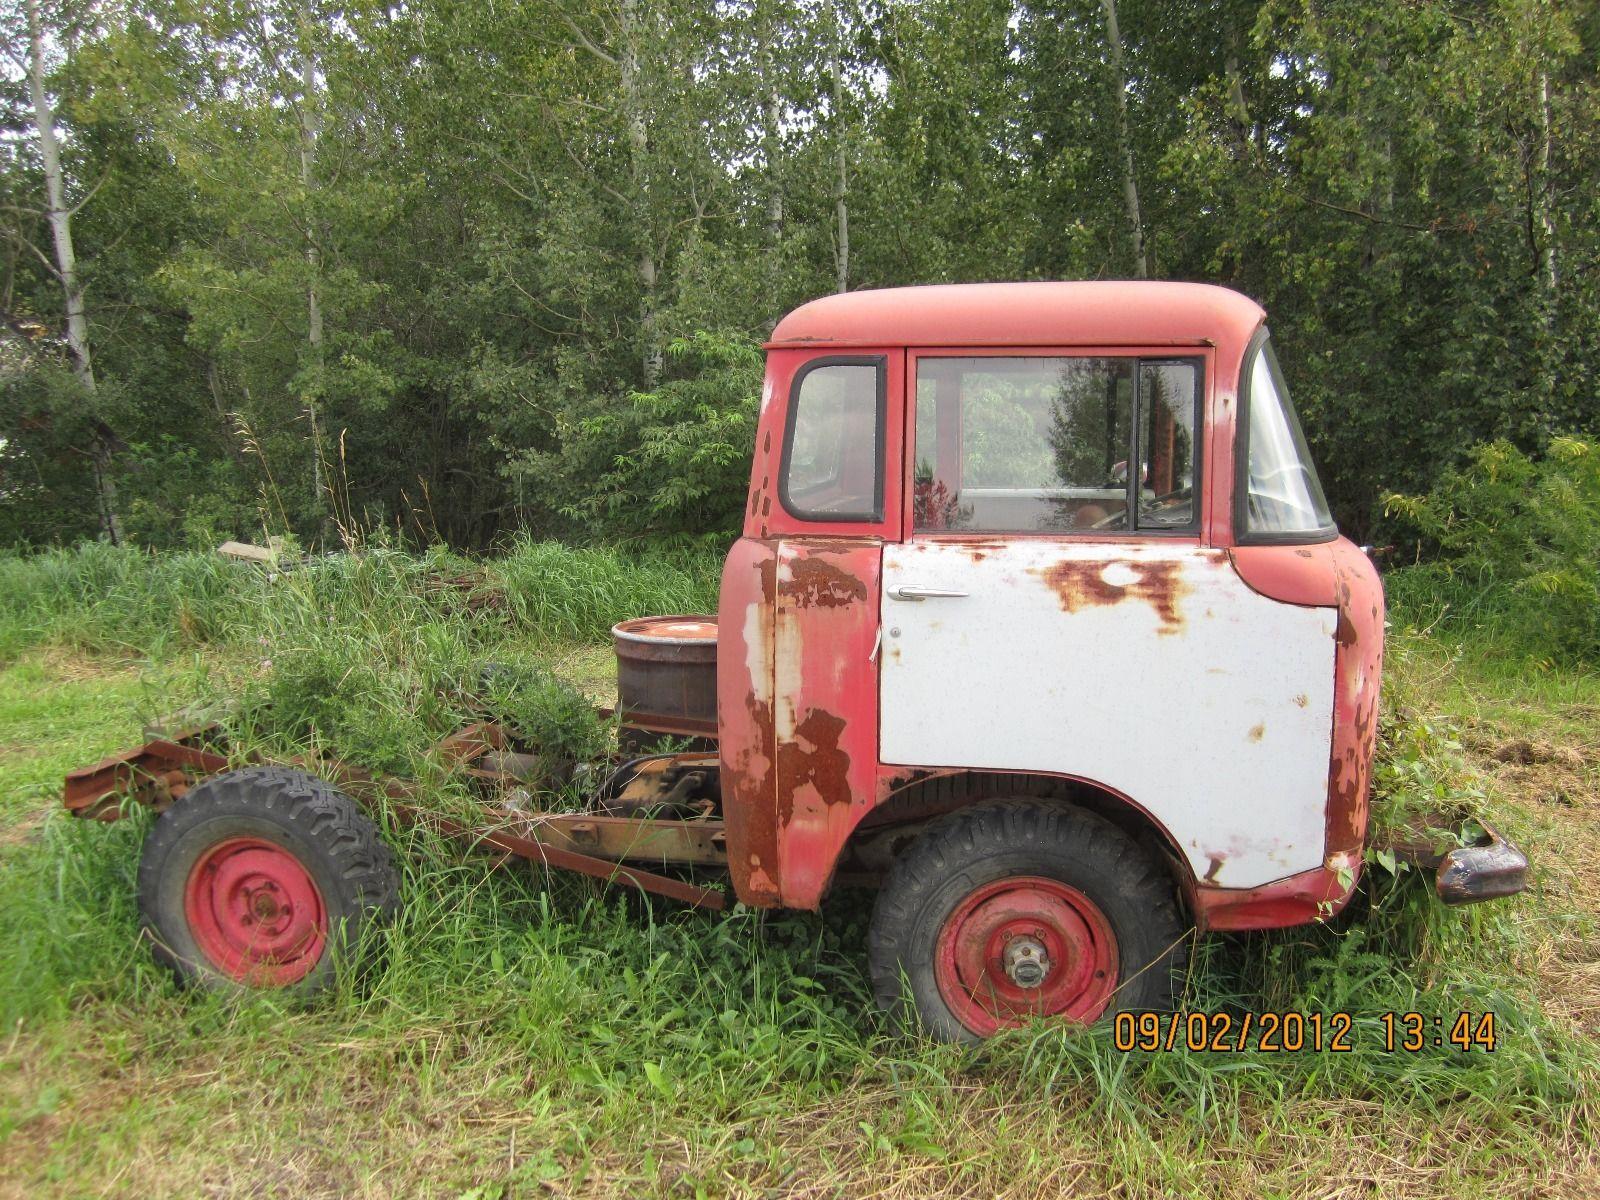 Year FC 170 Spruce Grove Alberta Canada on eBay